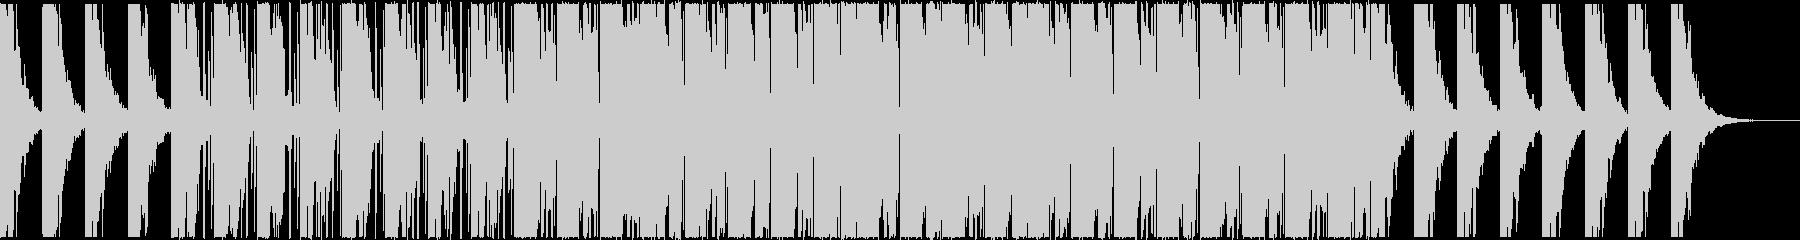 クールな雰囲気のBGMの未再生の波形